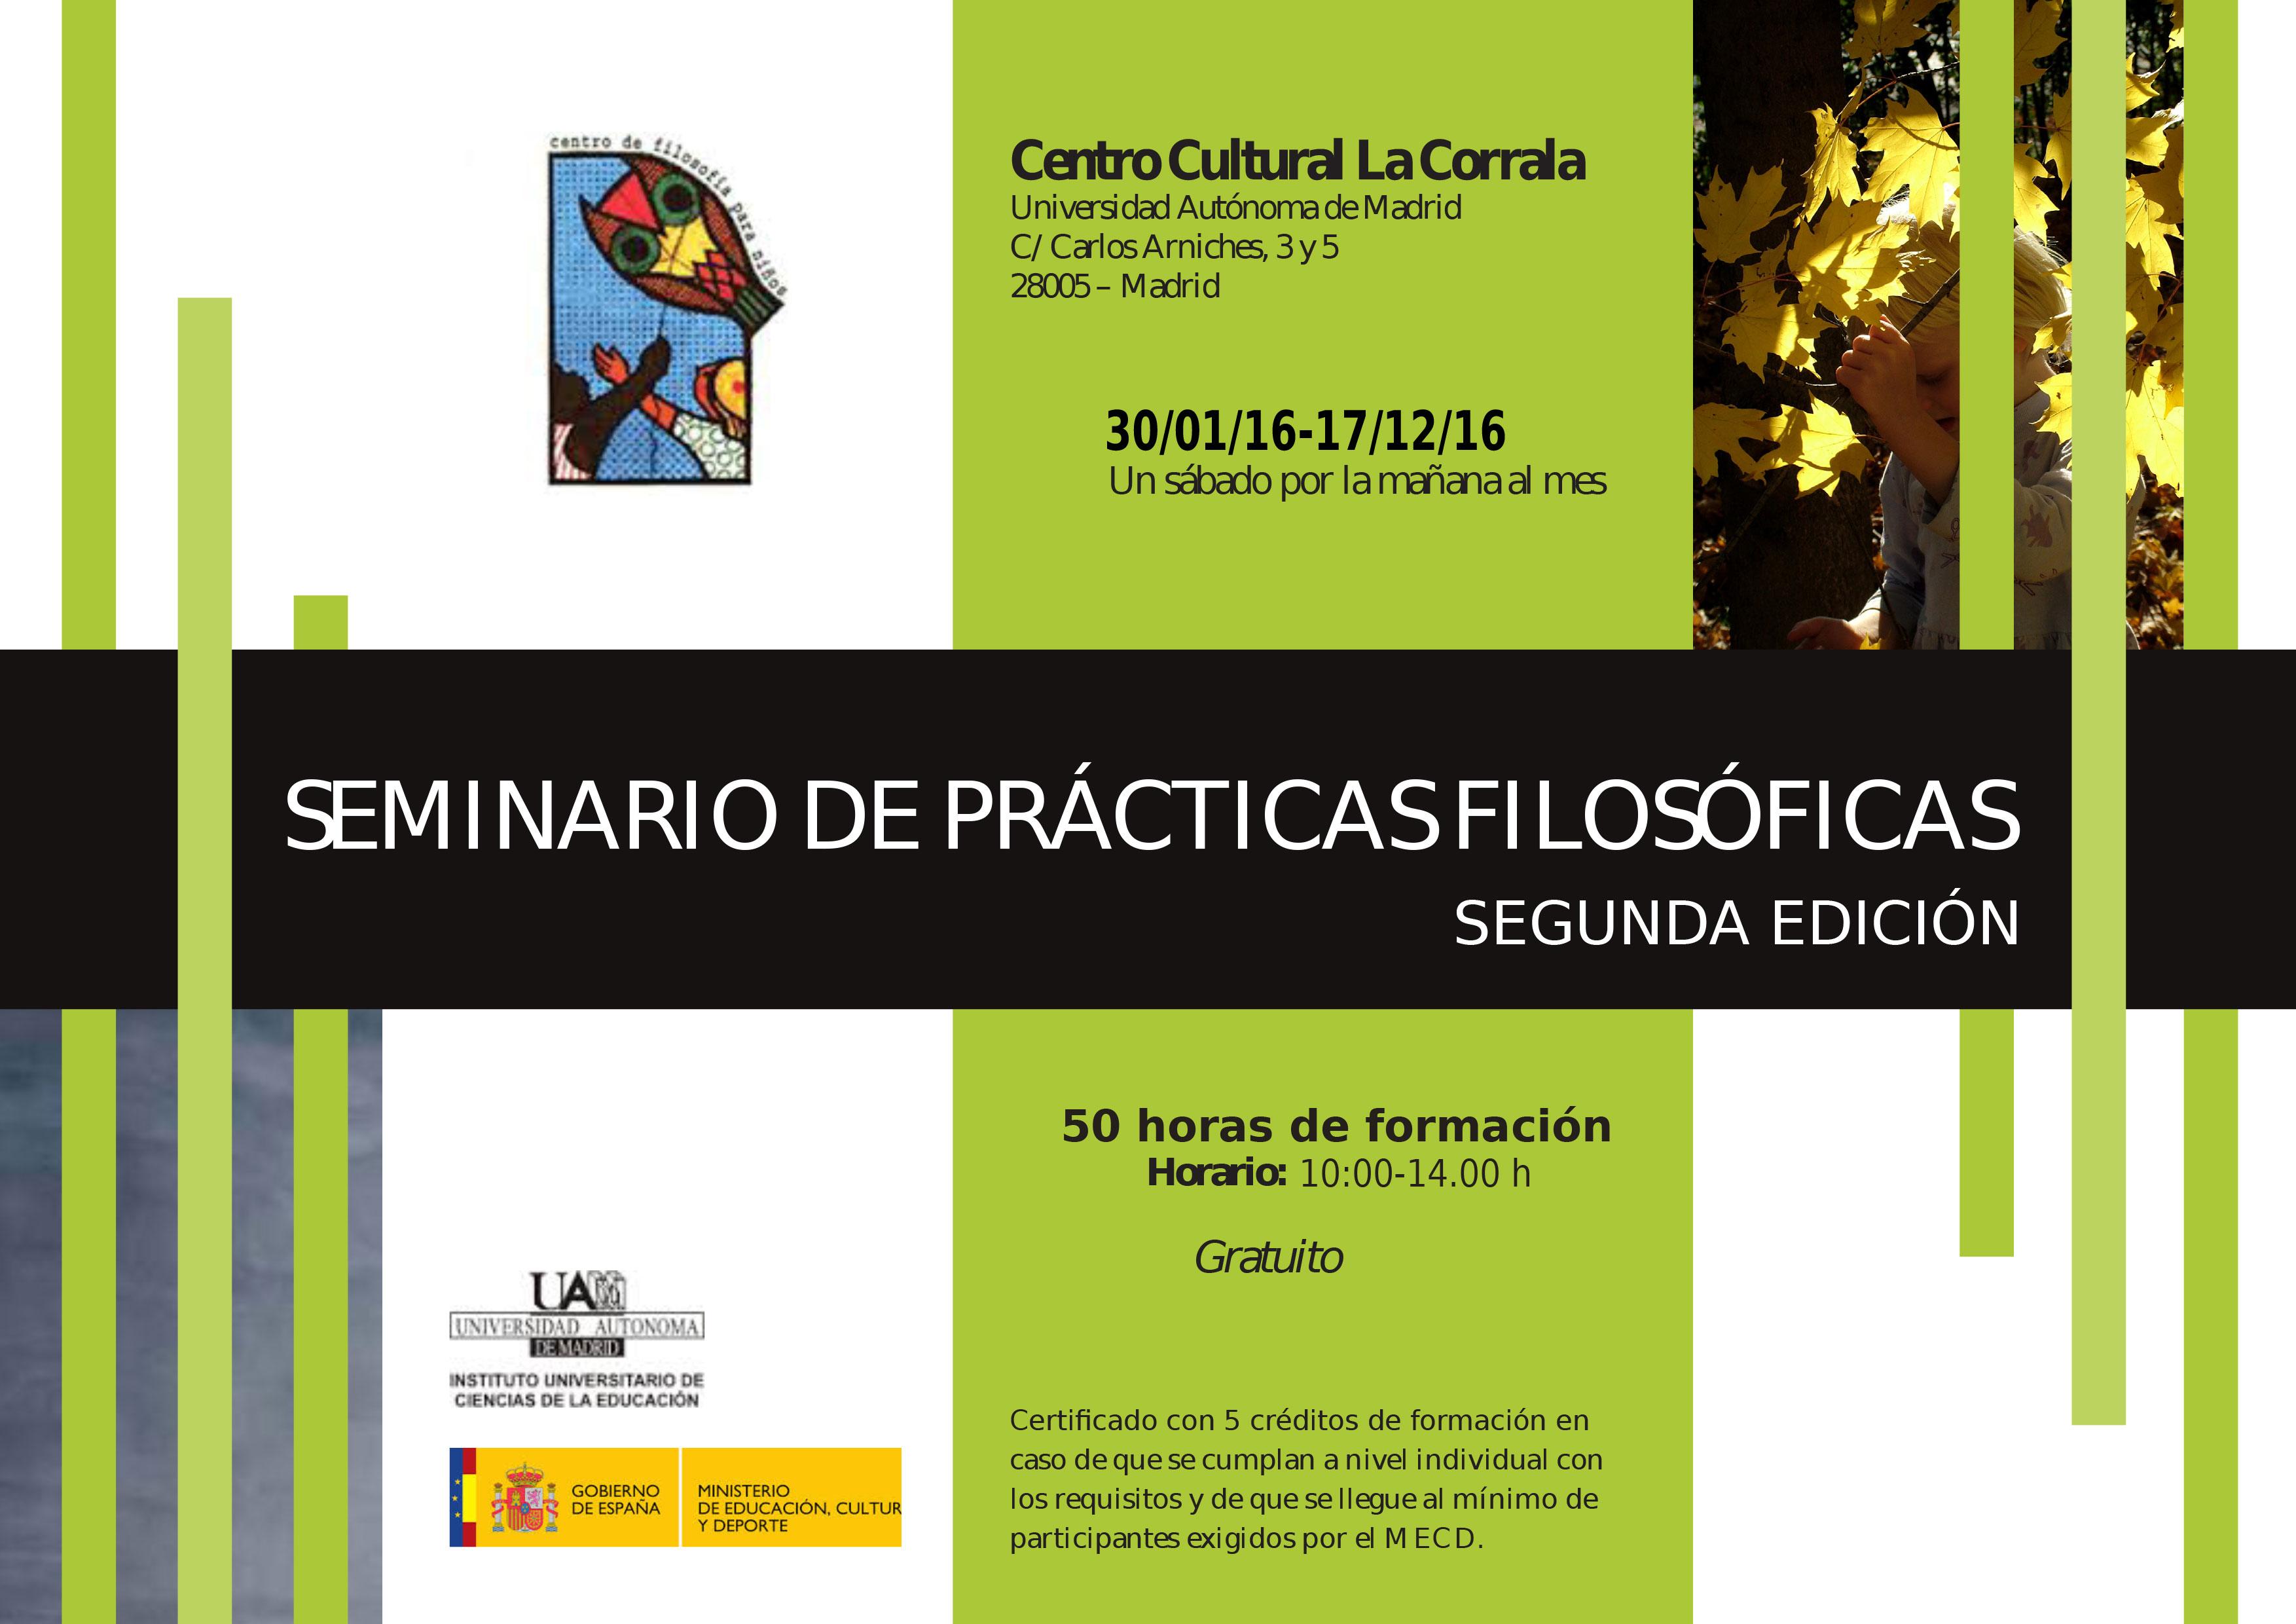 Seminario Prácticas Filosóficas 2016